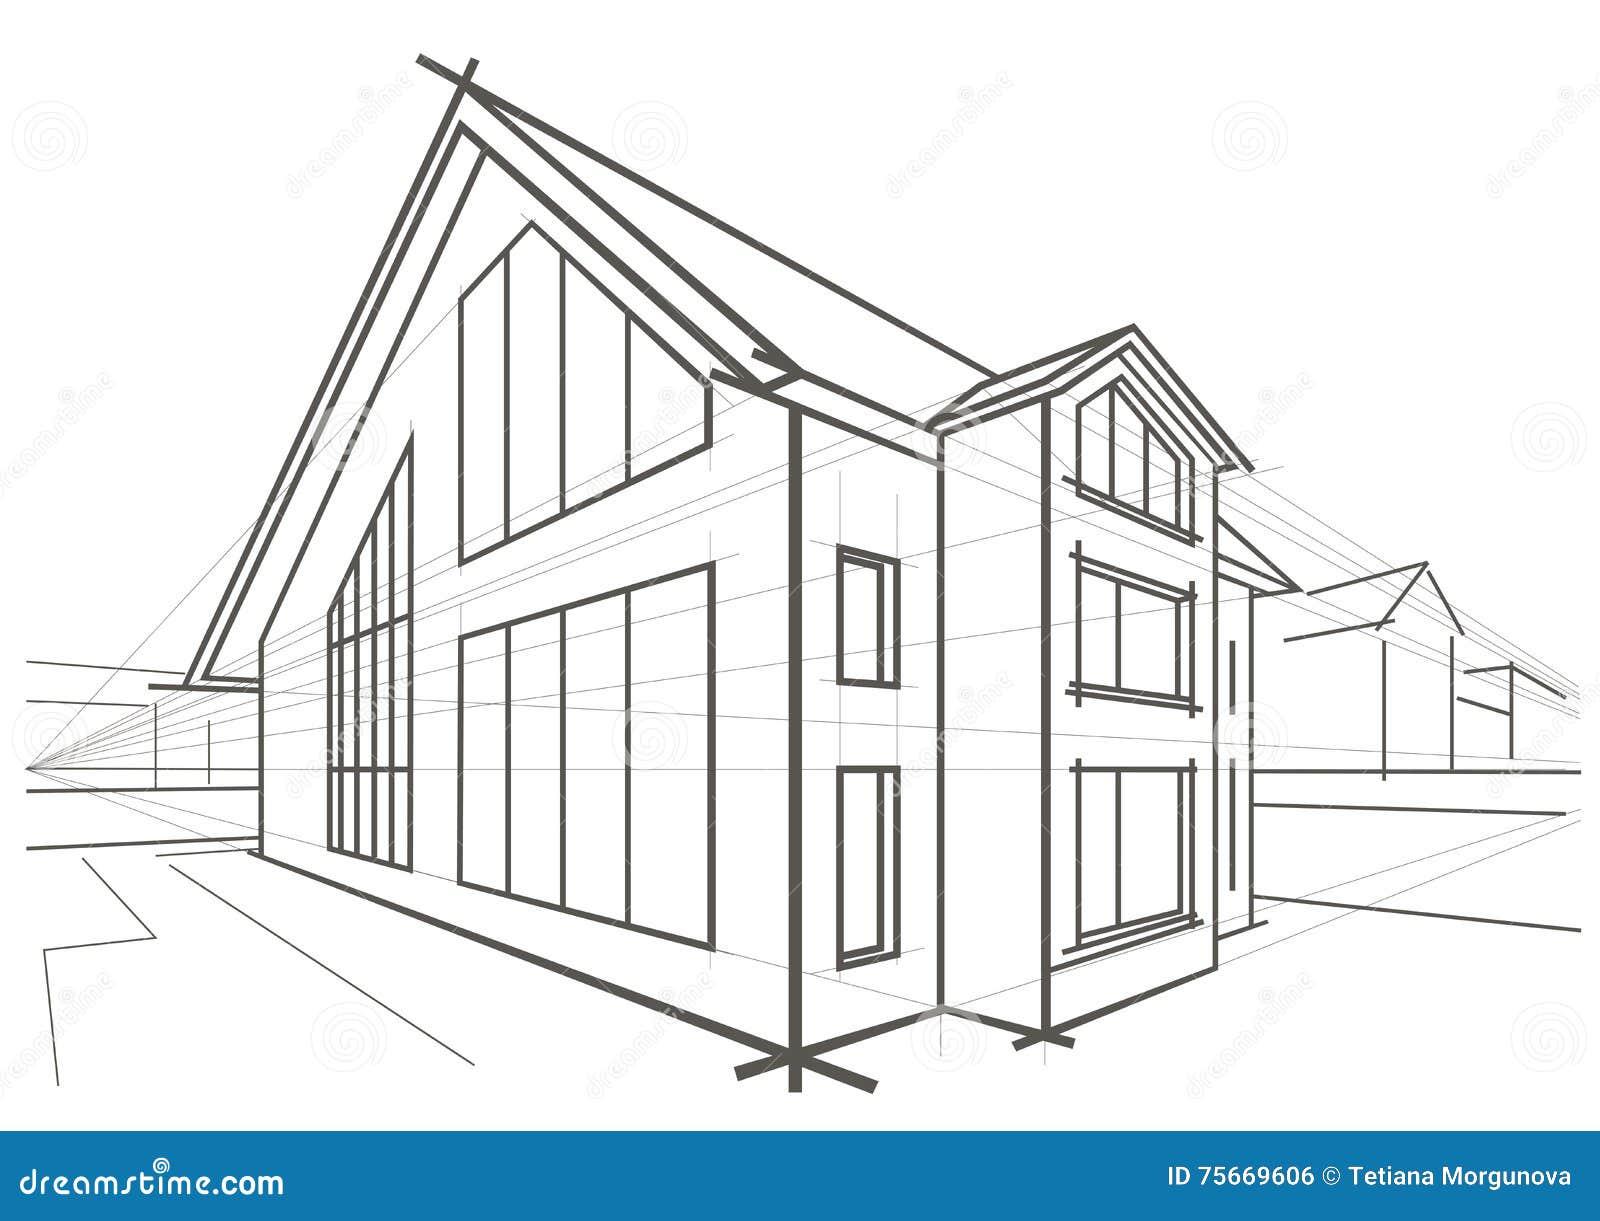 Einzelhaus der architekturskizze vektor abbildung bild 75669606 - Architektur skizzen zeichnen ...